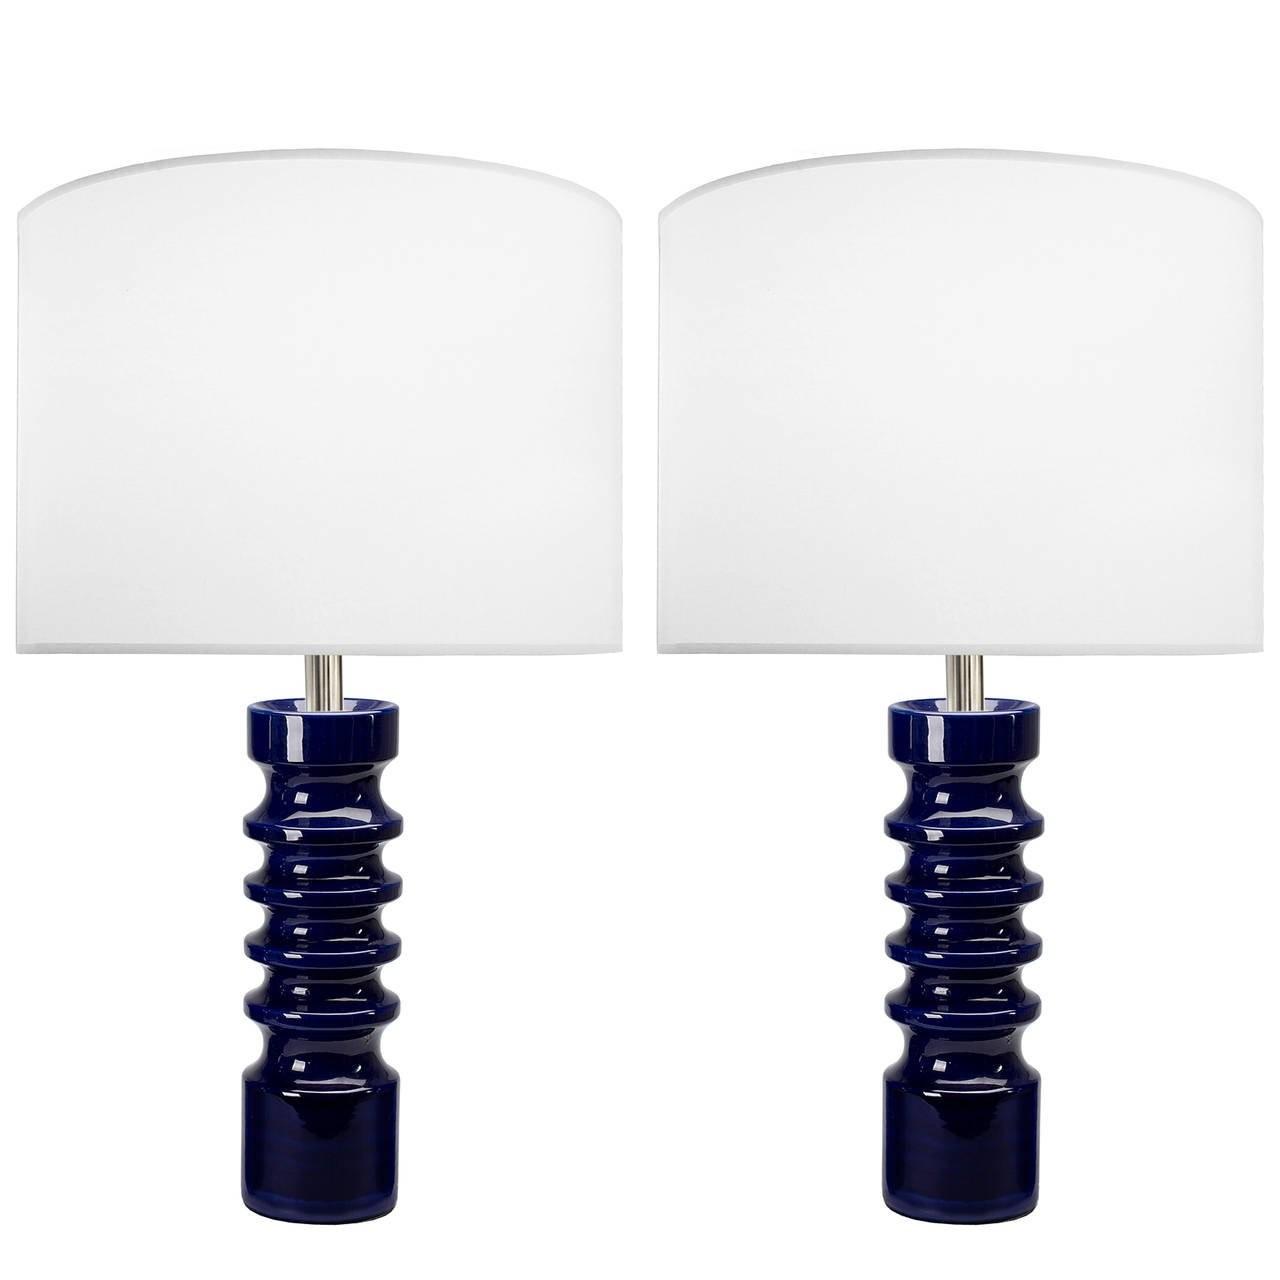 Pair of Sculptural German Blue Ceramic Lamps